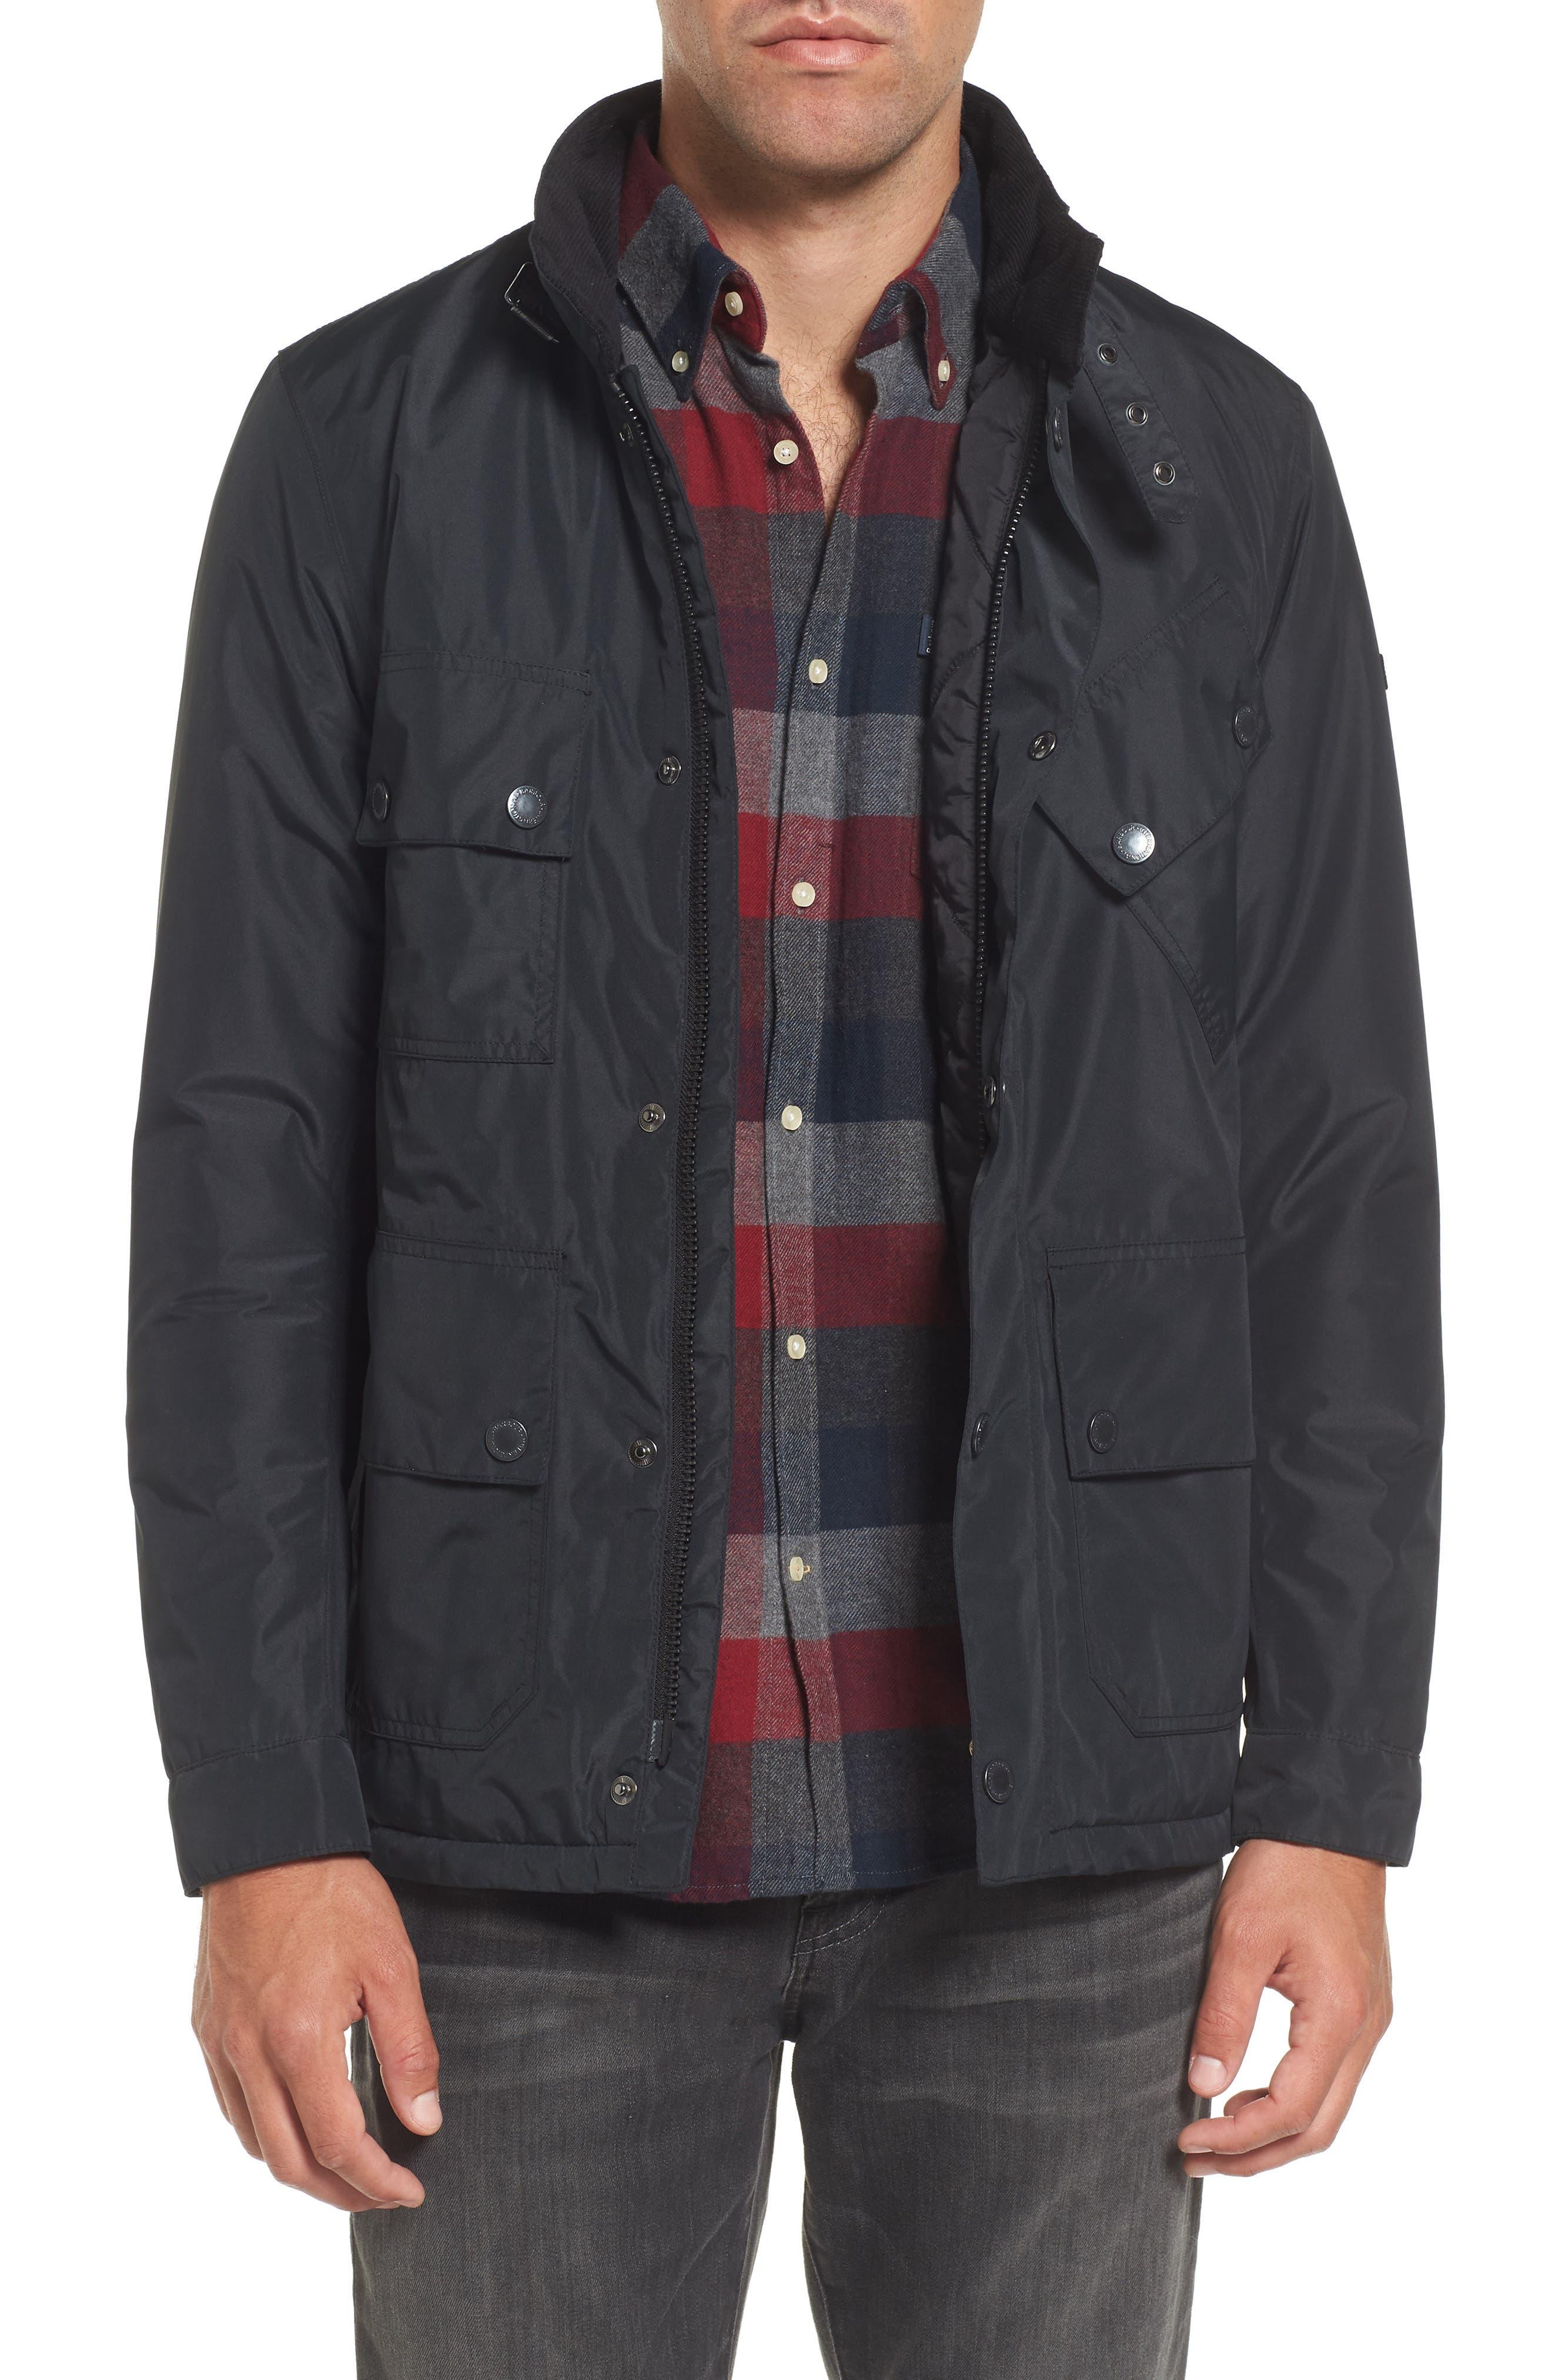 B.Intl Tyne Waterproof Jacket,                         Main,                         color, 001